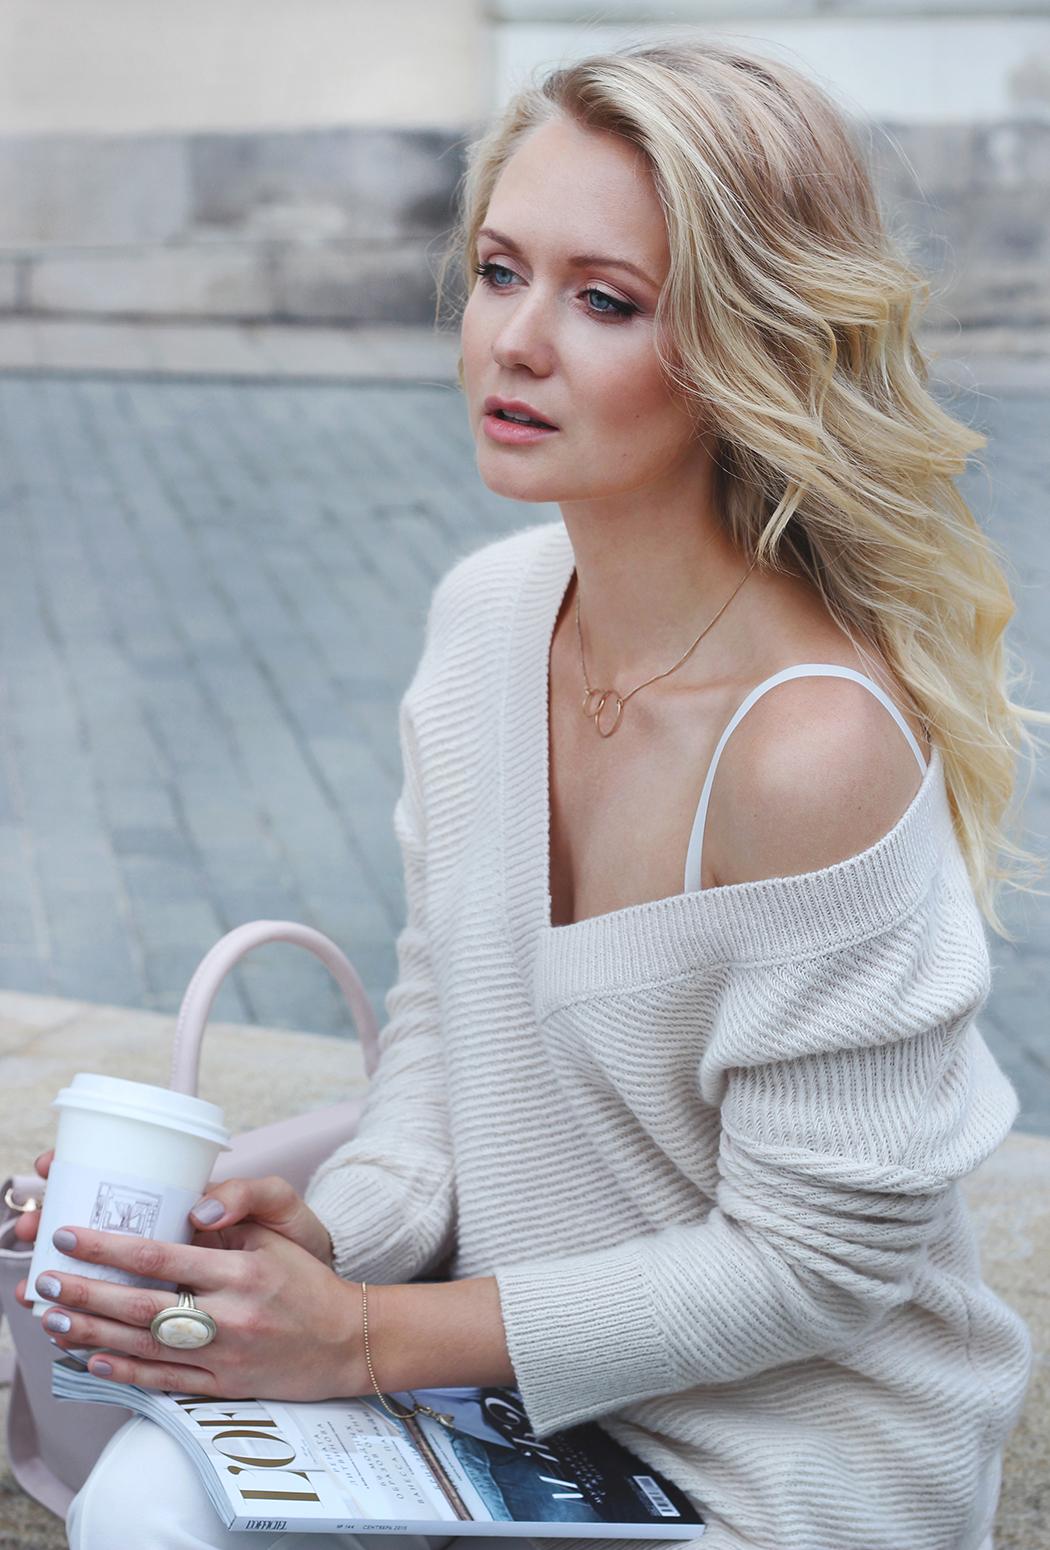 inspiration, streetstyle, autumn outfit, moscow fashion week, annamidday, top fashion blogger, top russian fashion blogger, фэшн блогер, русский блогер, известный блогер, топовый блогер, russian bloger, top russian blogger, streetfashion, russian fashion blogger, blogger, fashion, style, fashionista, модный блогер, российский блогер, ТОП блогер, ootd, lookoftheday, look, популярный блогер, российский модный блогер, russian girl, с чем носить белые брюки, как одеться весной, модные аксессуары, ASOS, QUELLE, пастельная одежда, с чем носить пастельную одежду, как сочетать пастельные цвета, pastel colors, pastel colors combination, цветовые сочетания, с чем носить белый свитер, как определить свой цветотип, streetstyle, красивая девушка, девушка и закат, flowers and girl, pastel pants, pastel sweater, pastel bag, Алена Ершова, Анна миддэй, анна мидэй, kinfolk